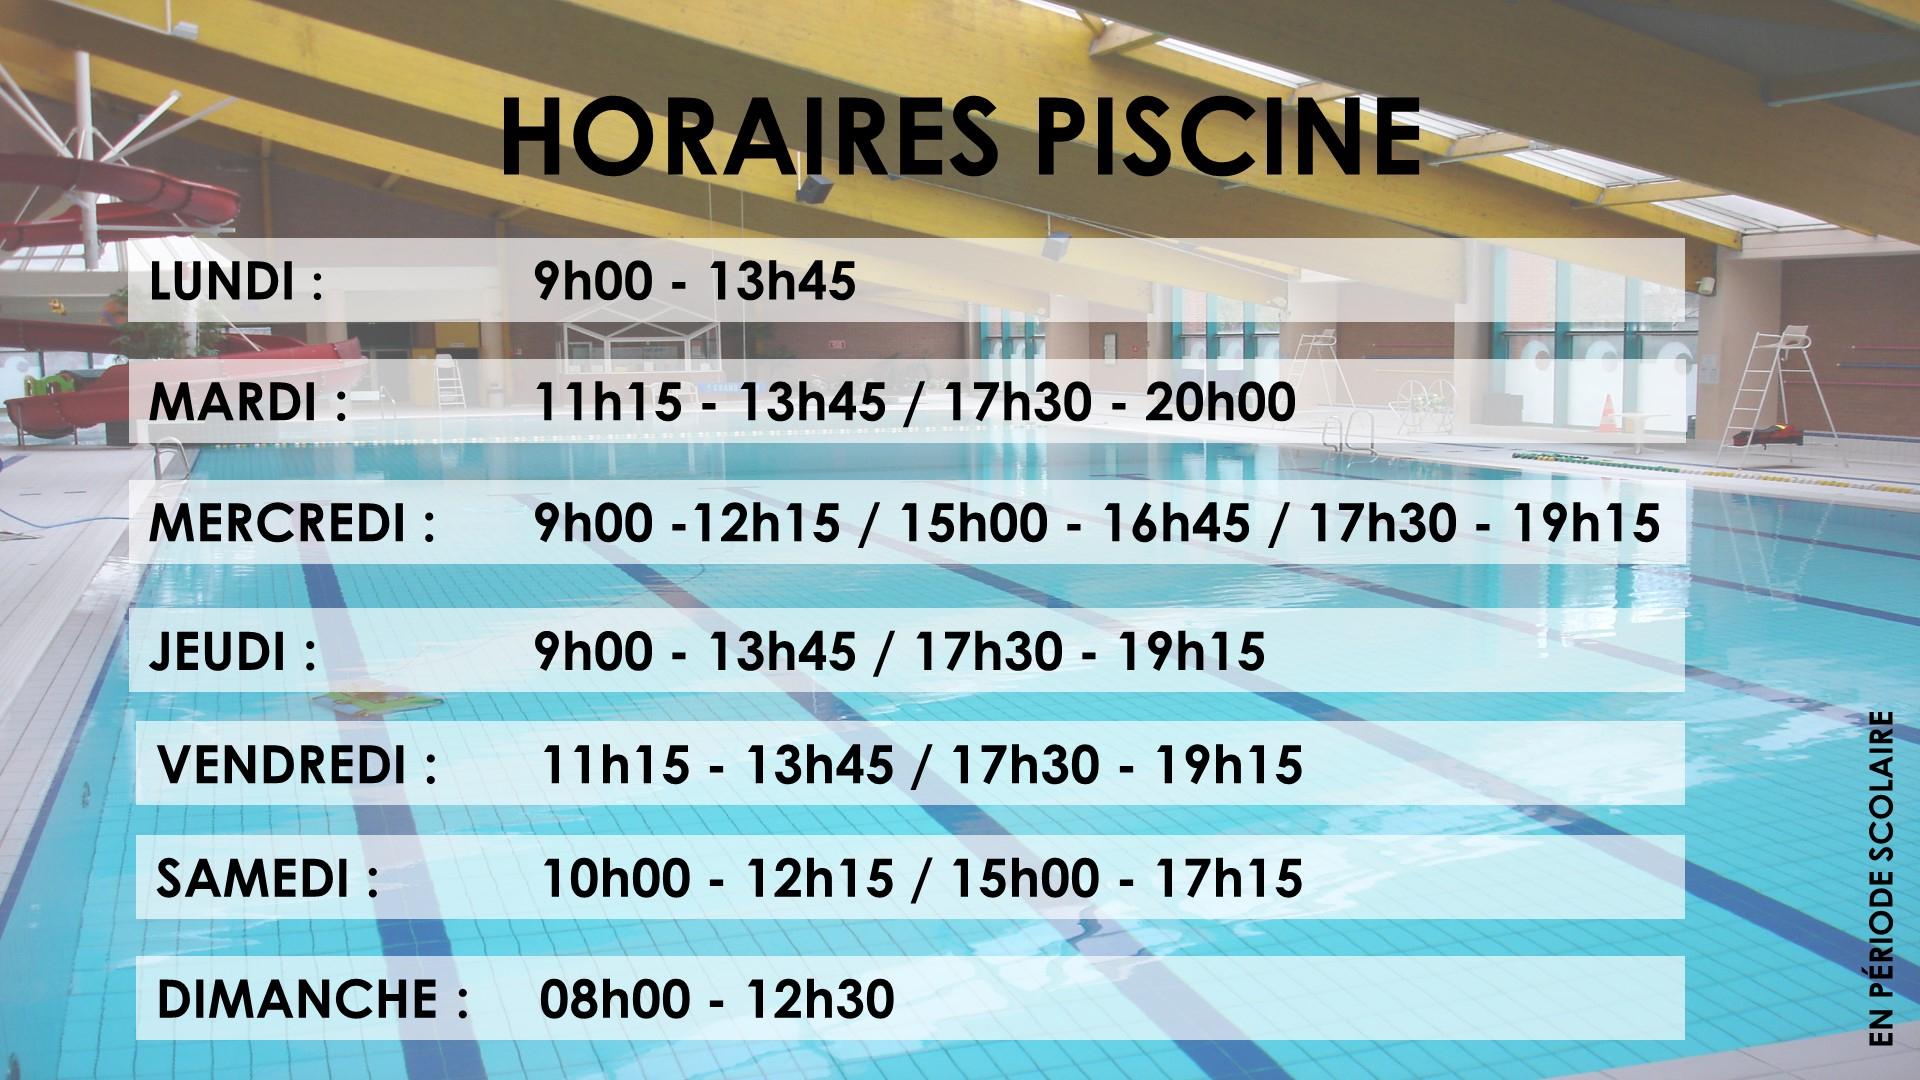 Horaires Thalassa, Horaires Piscine Roubaix serapportantà Piscine Roubaix Horaires